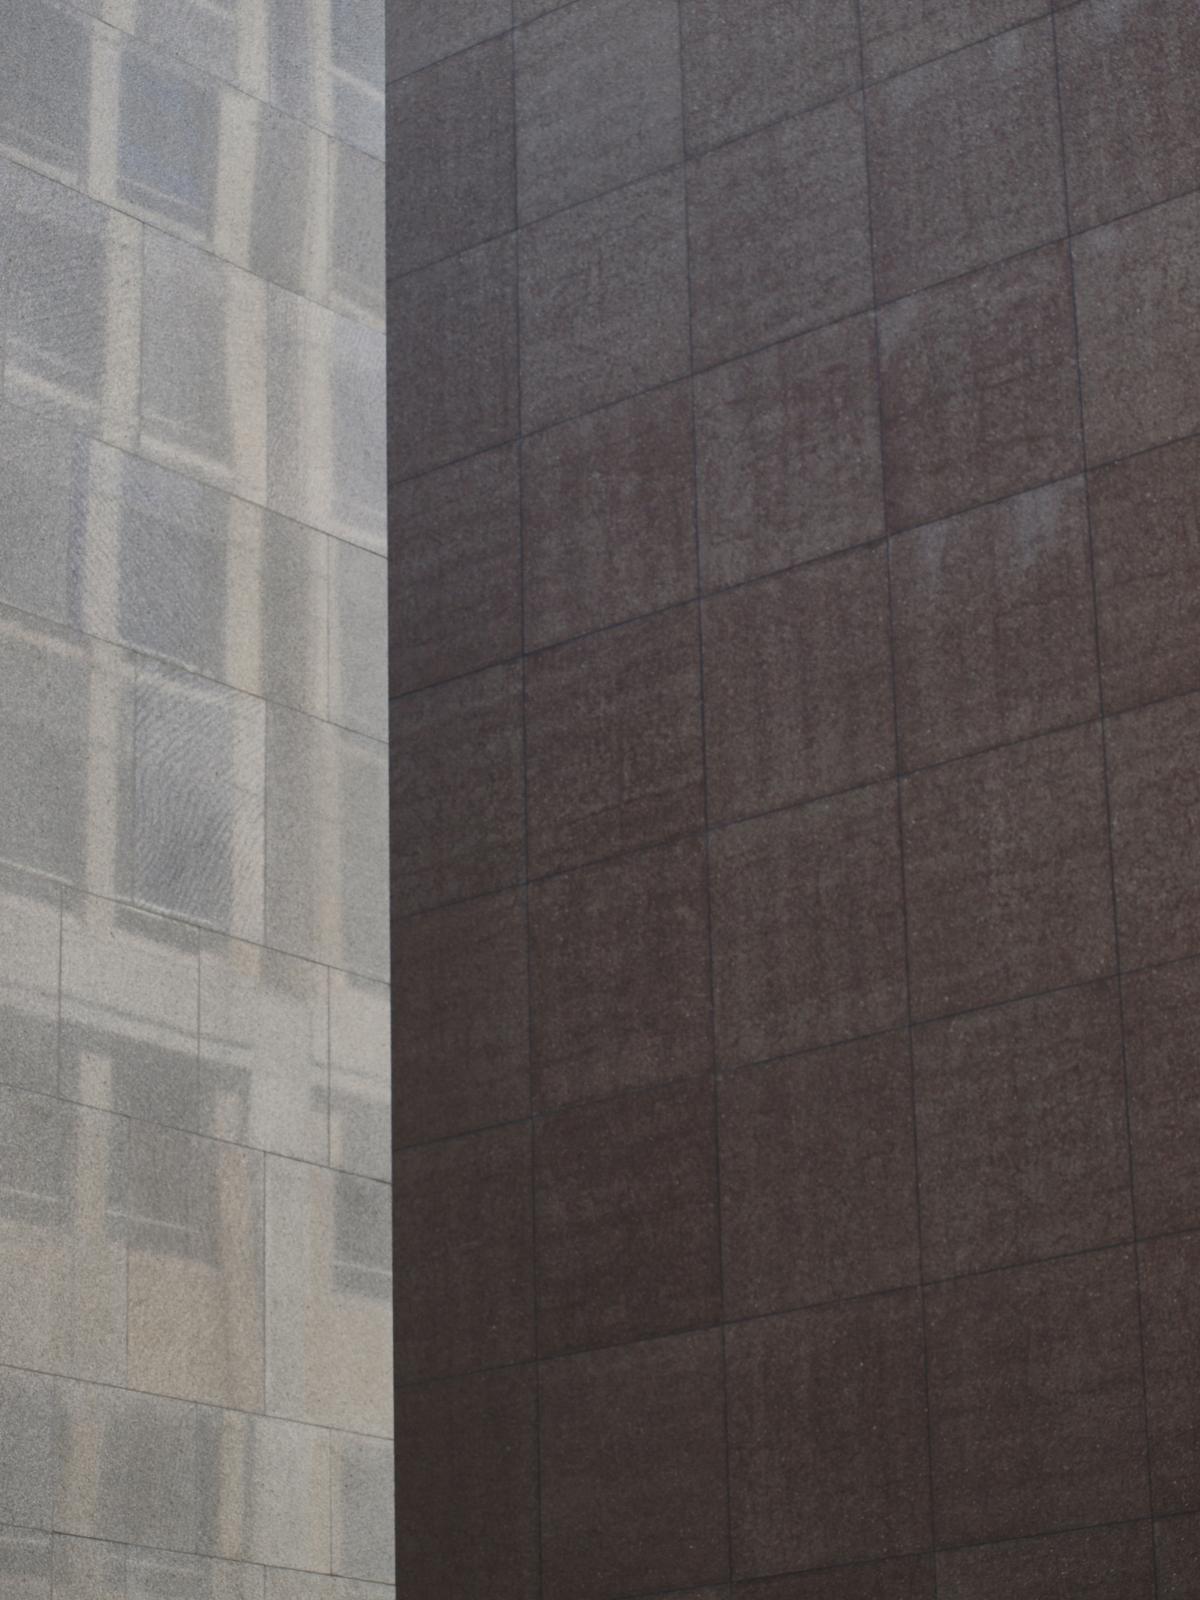 Tile Architecture Building #422500